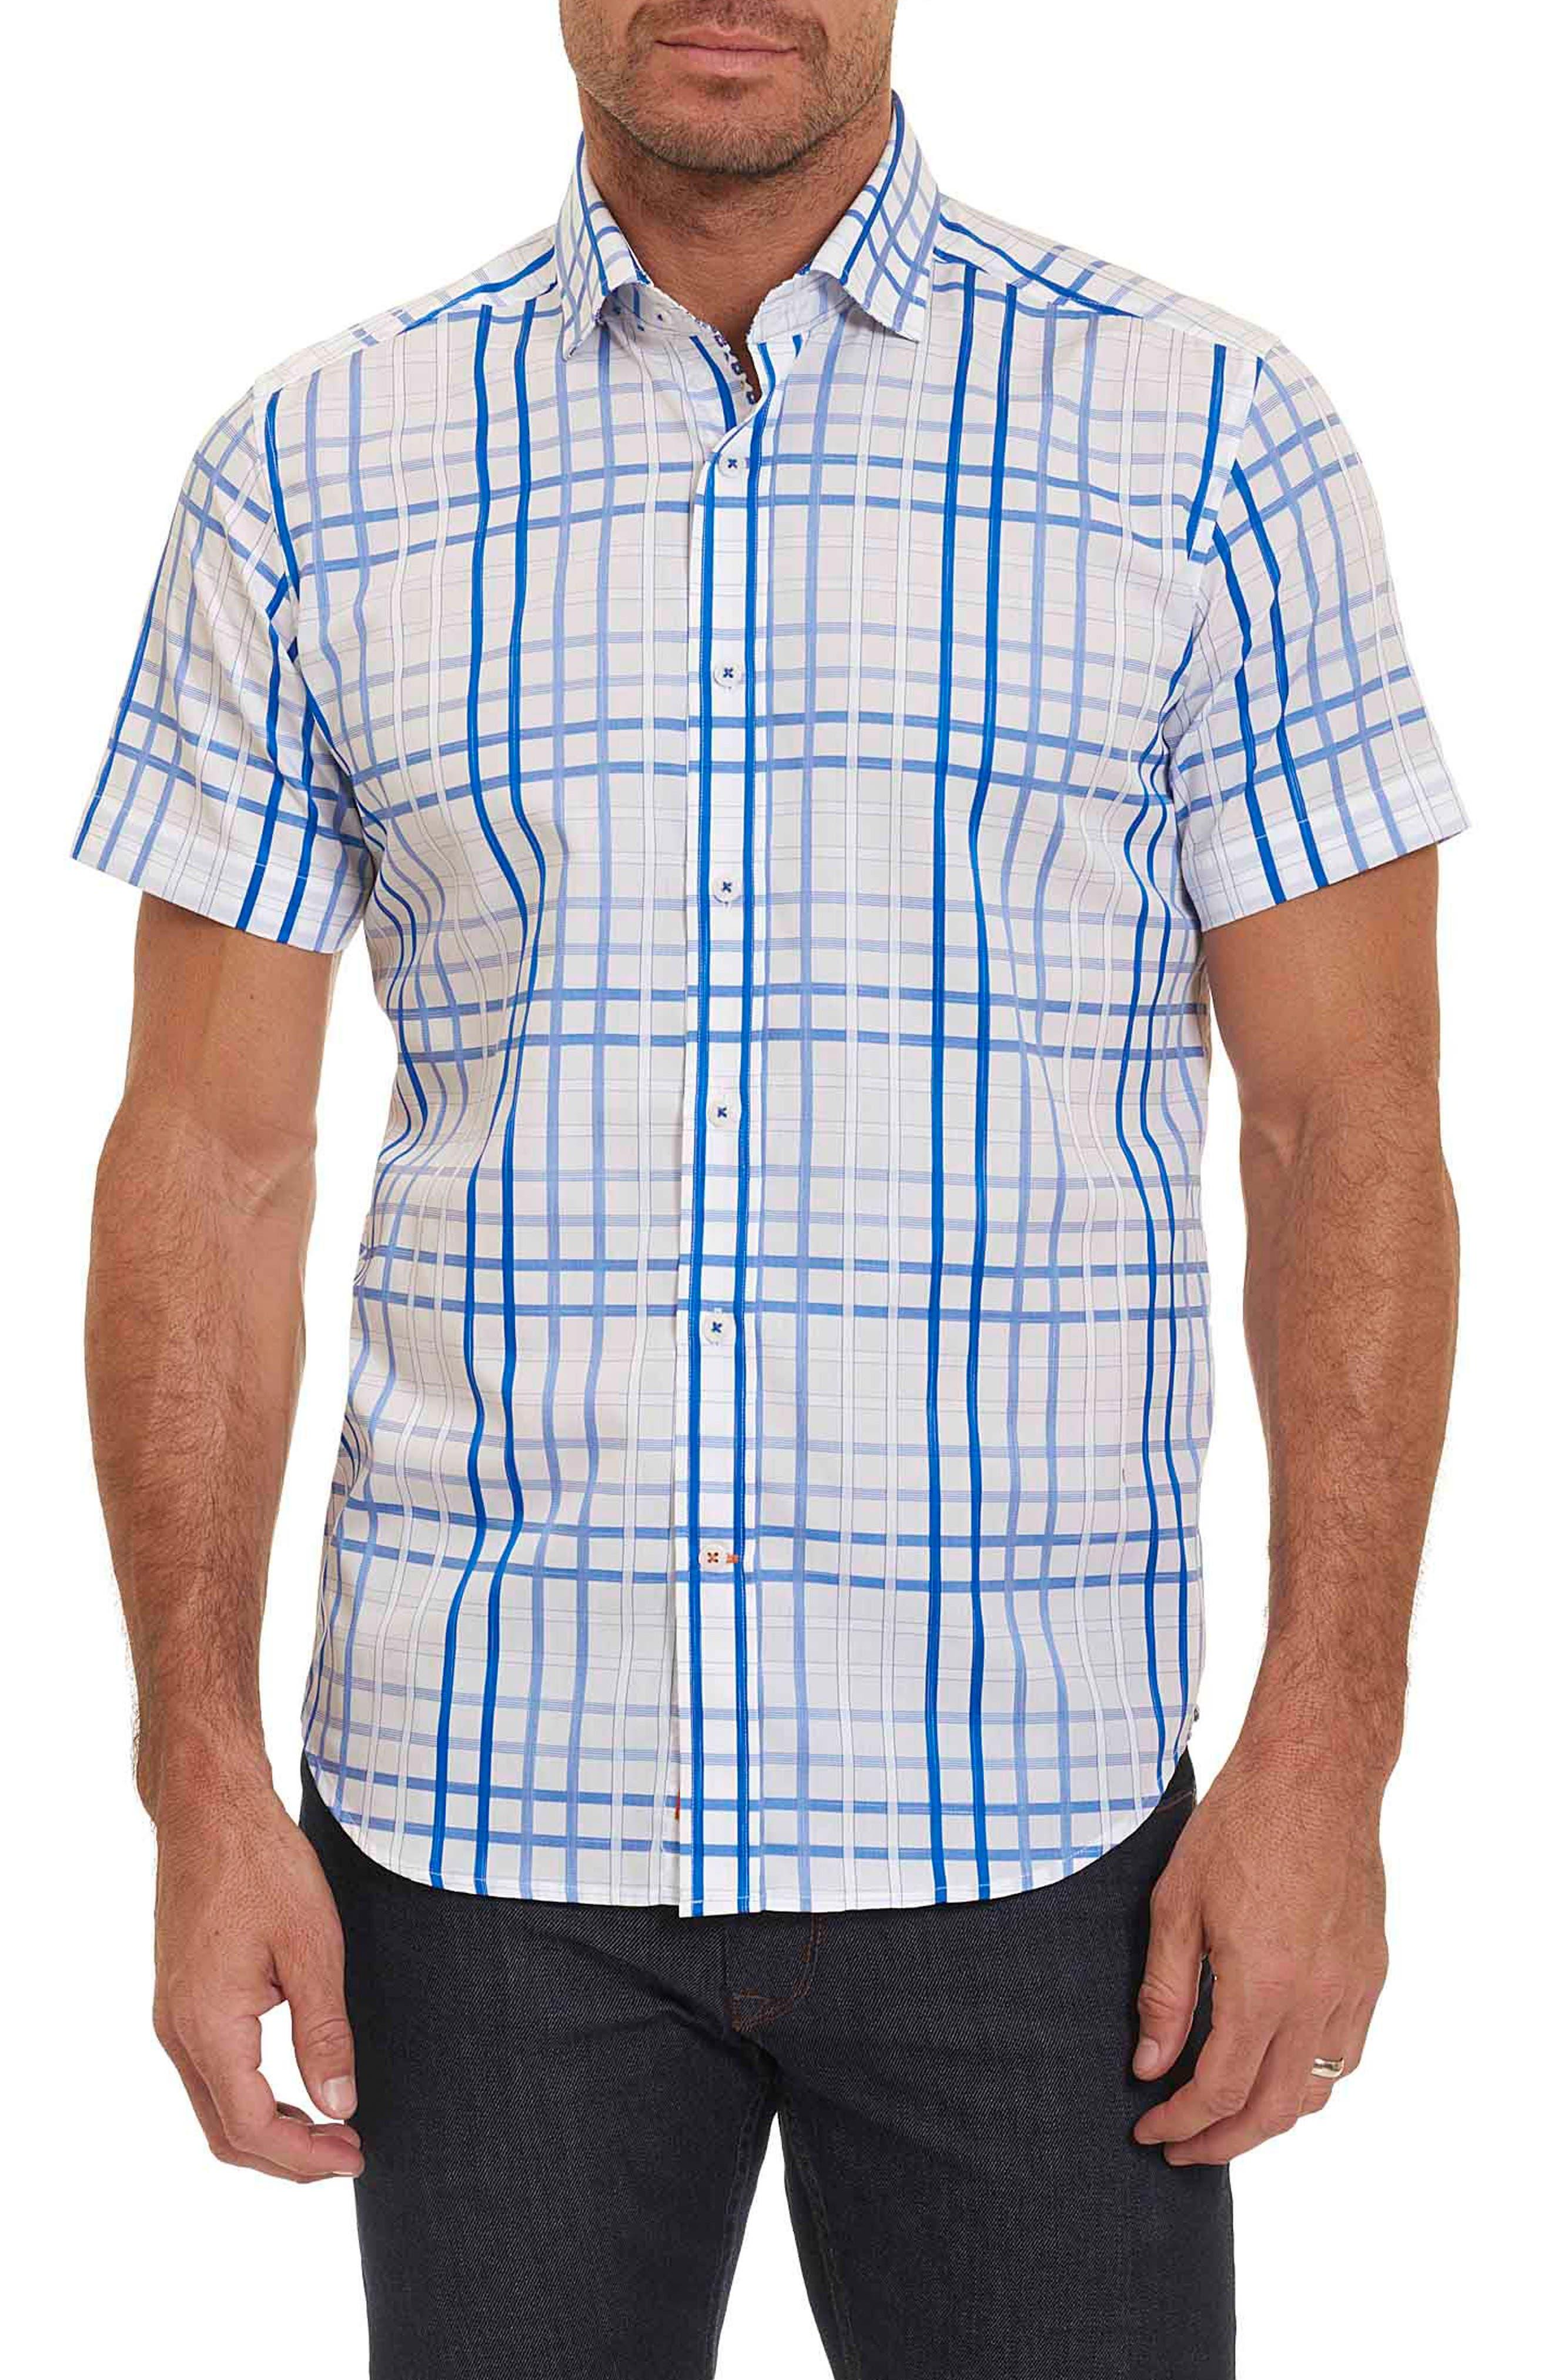 Alternate Image 1 Selected - Robert Graham Dax Tailored Fit Check Short Sleeve Linen Sport Shirt